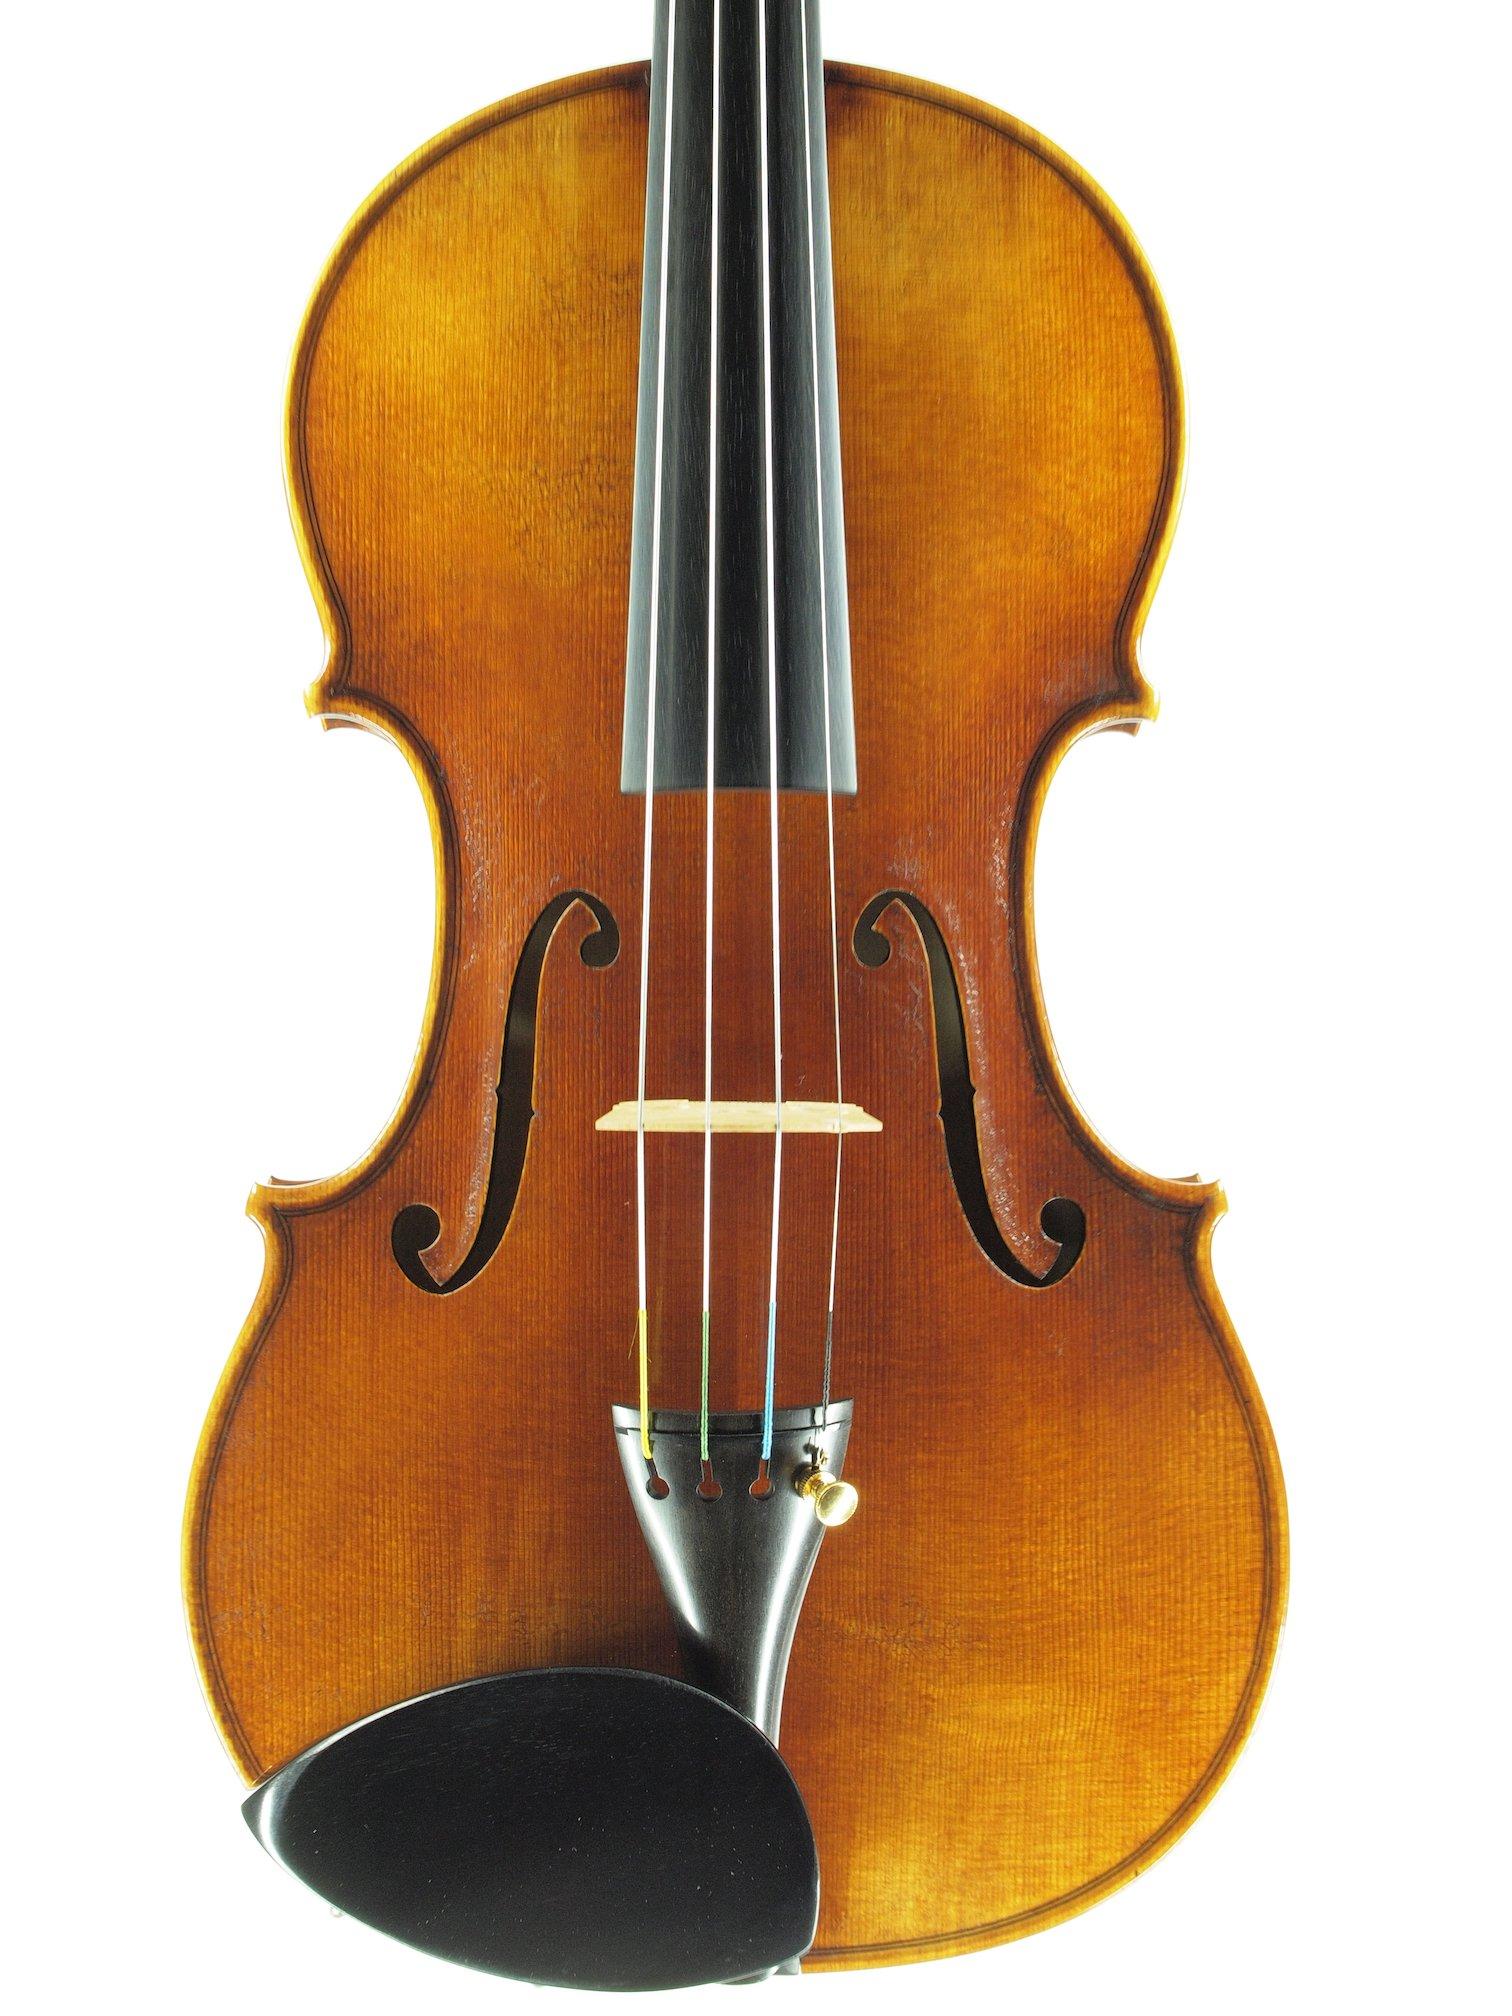 Violin based on the model of the 'Sauret' Guarneri del Gesu anno 1743 IV